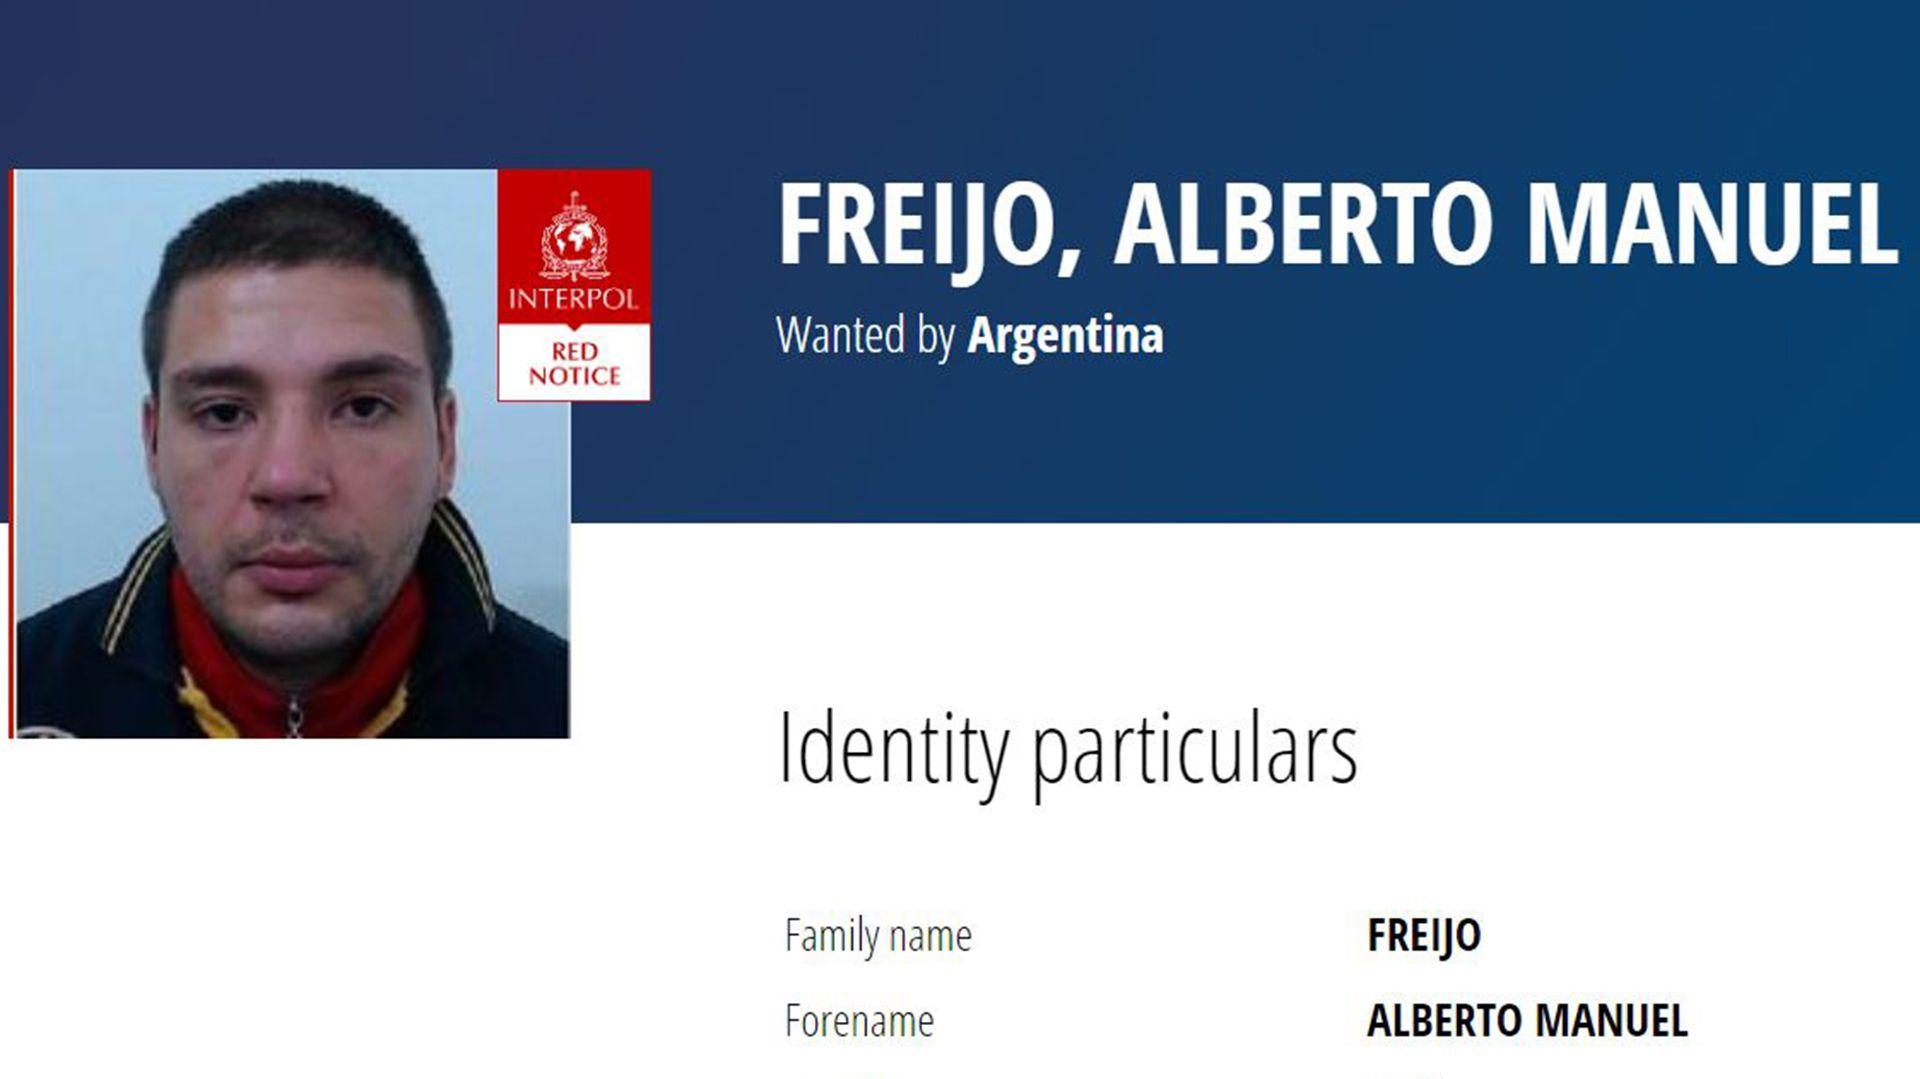 Alberto Manuel Freijo